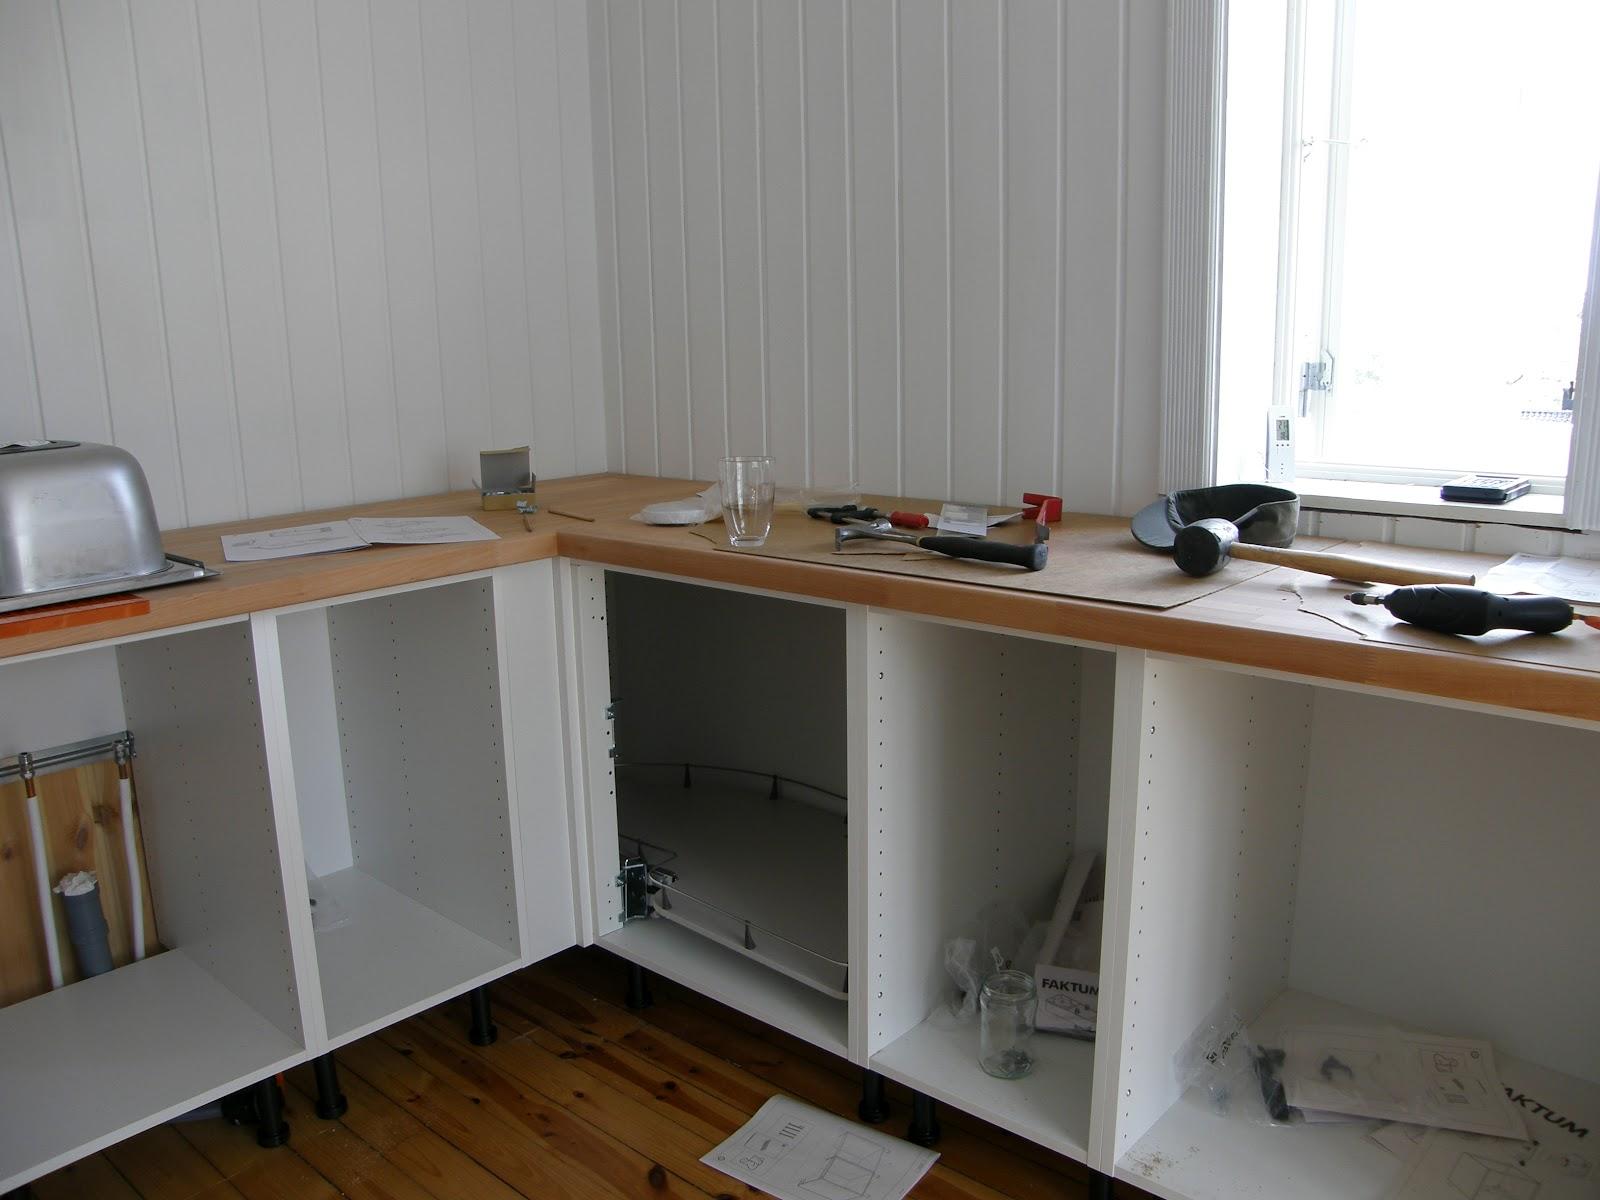 ... blitt! Vi har IKEA kj?kken, med Appl?d fronter. Vi er s? forn?yde